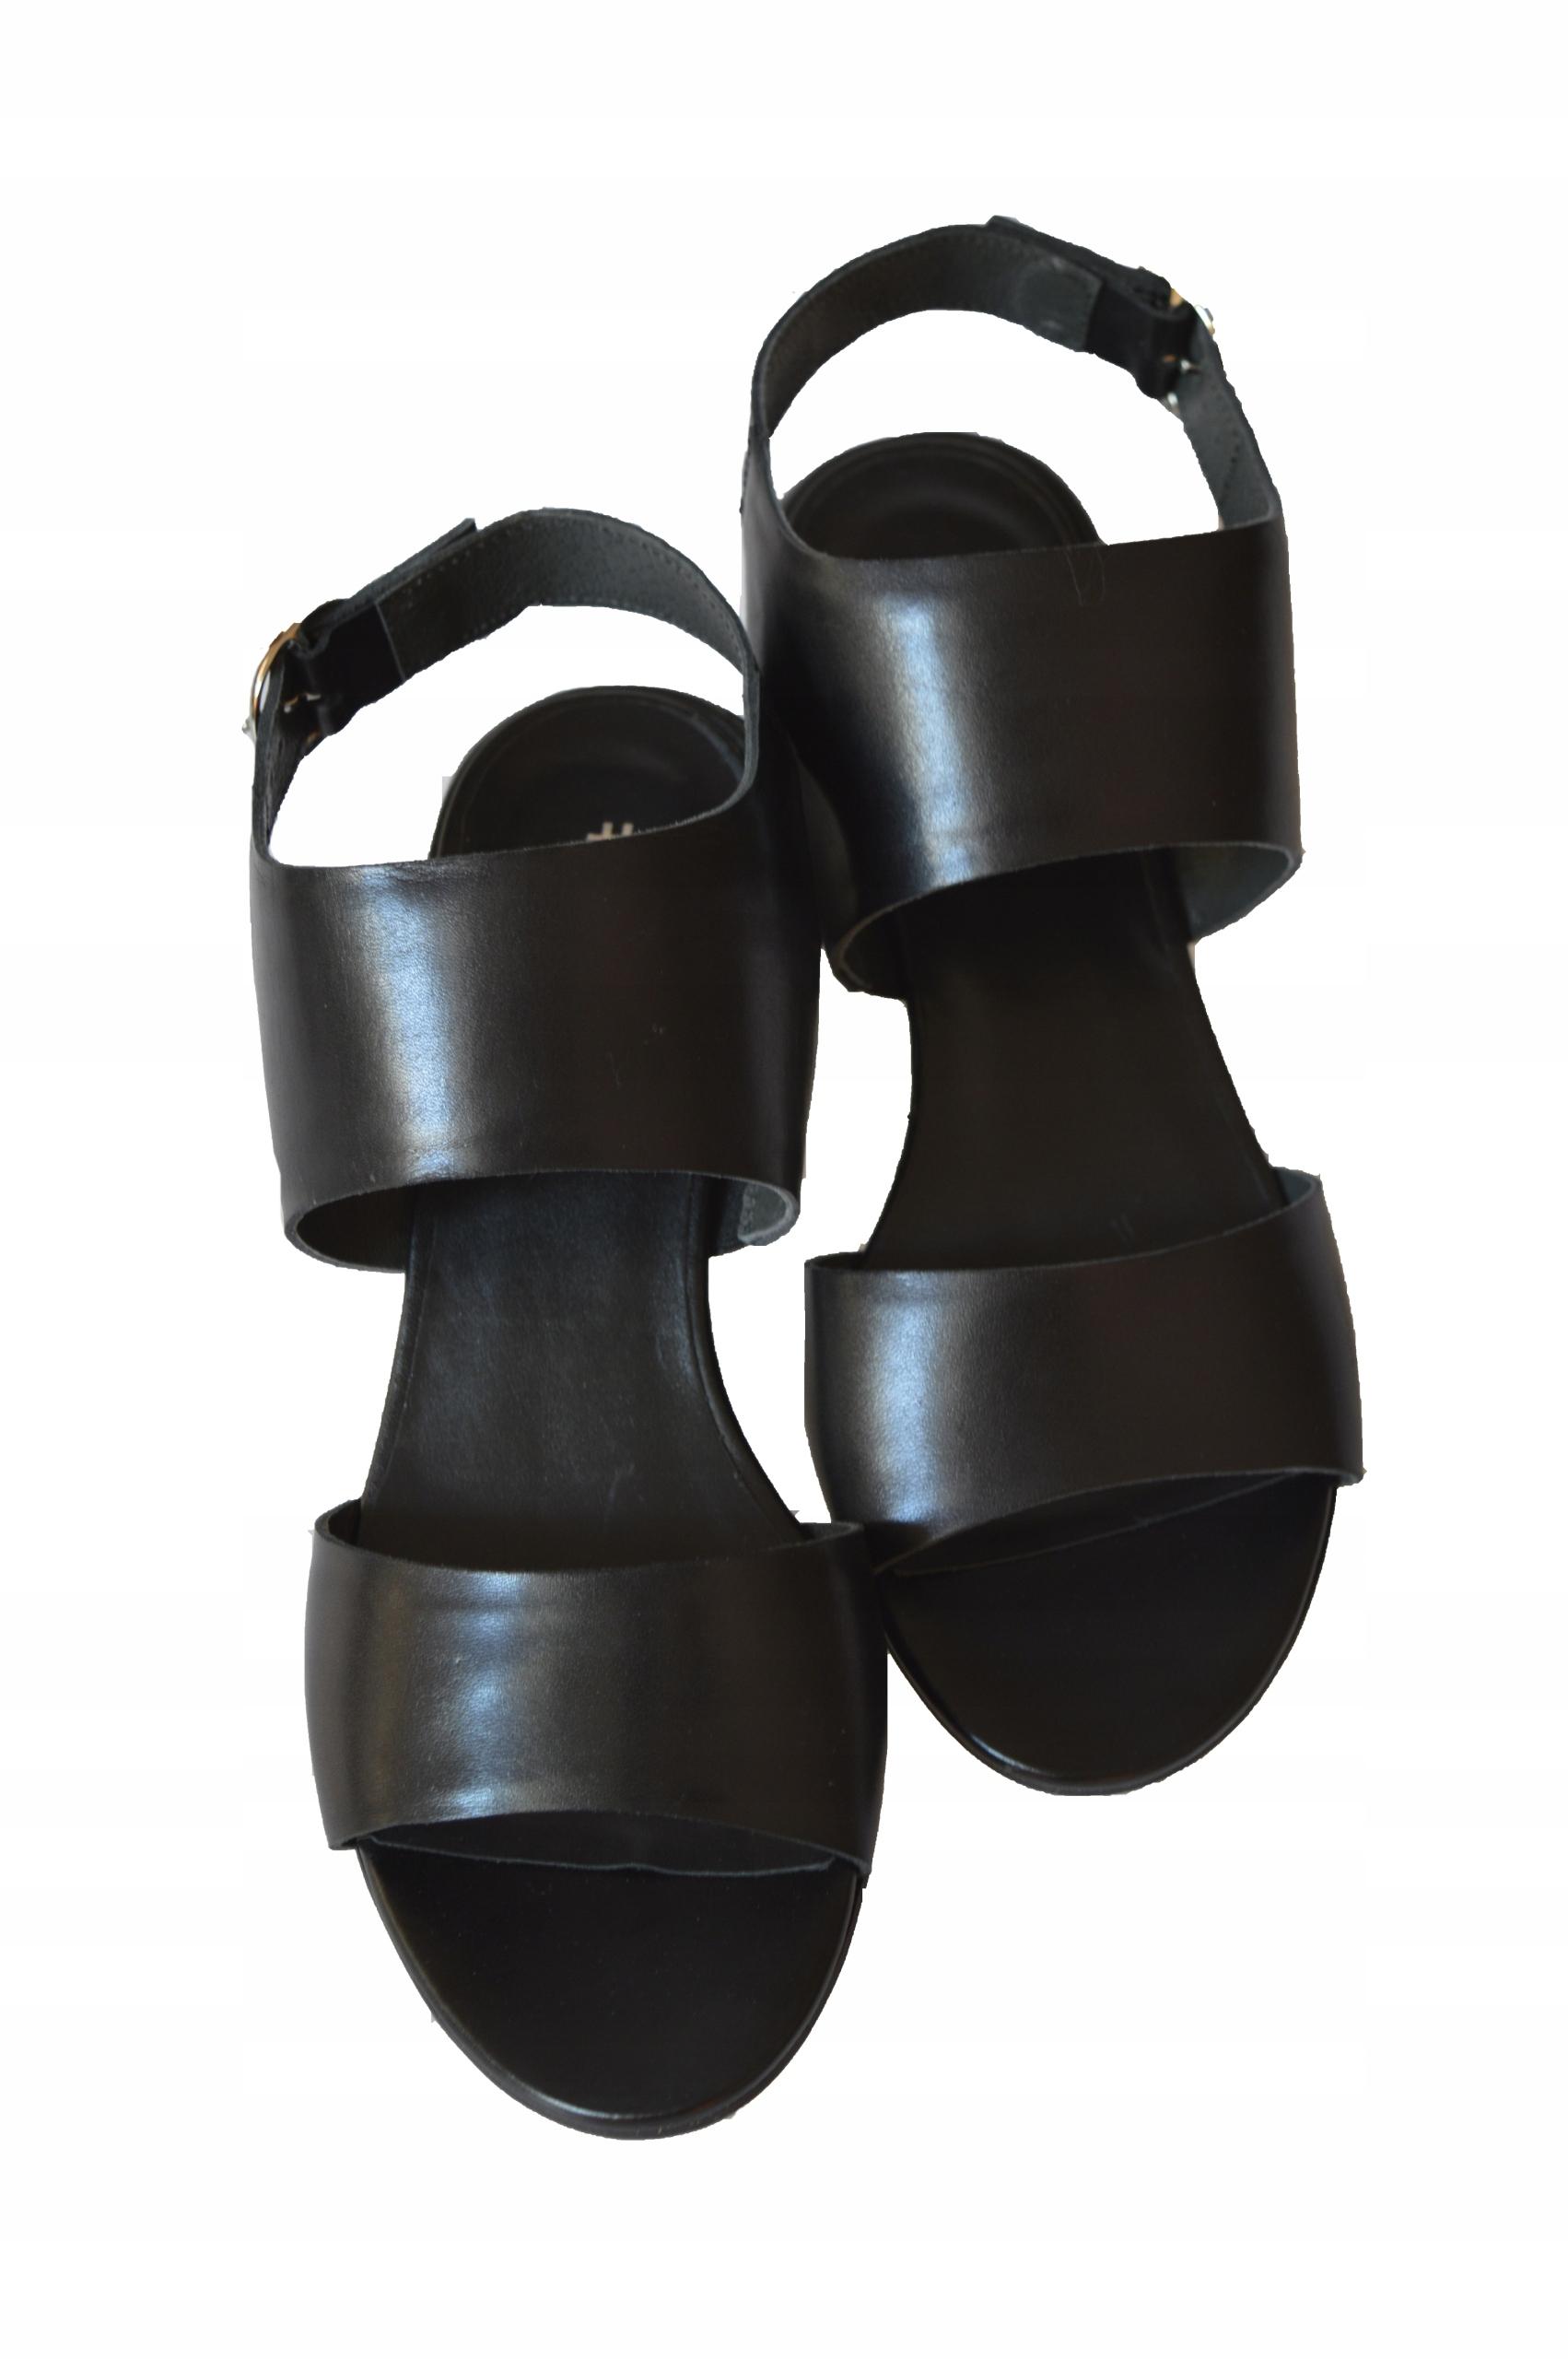 Sandały Ryłko 5DGR2, damskie obuwie, roz. 40